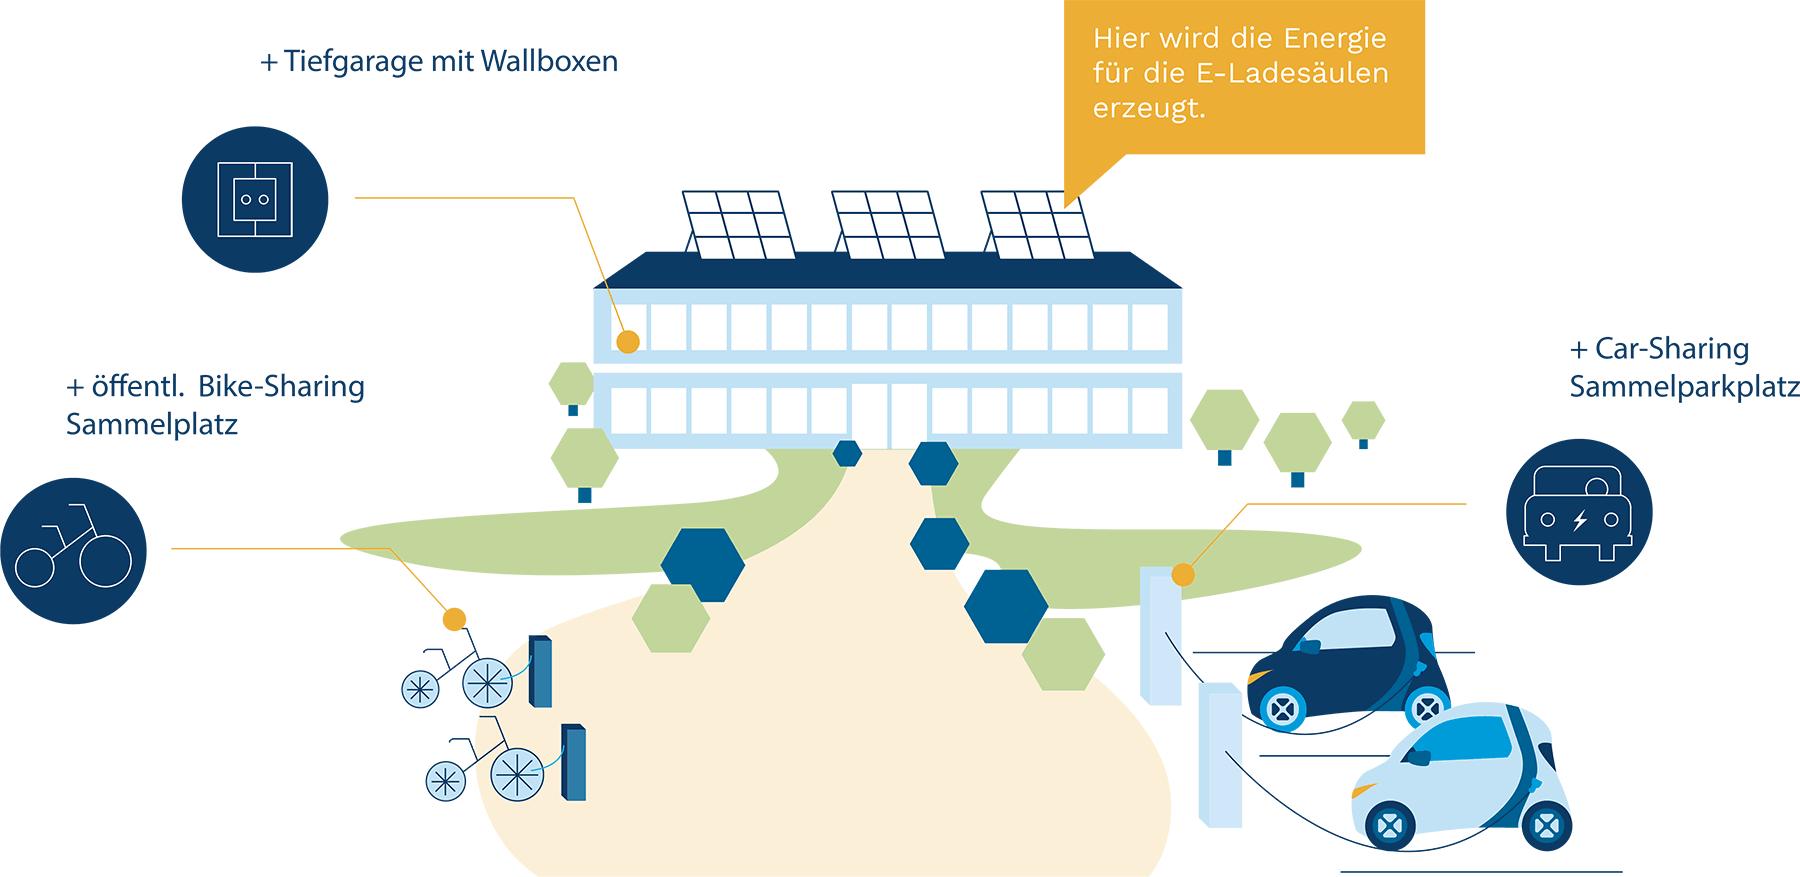 Combinazione di fotovoltaico e mobilità elettrica nel quartiere